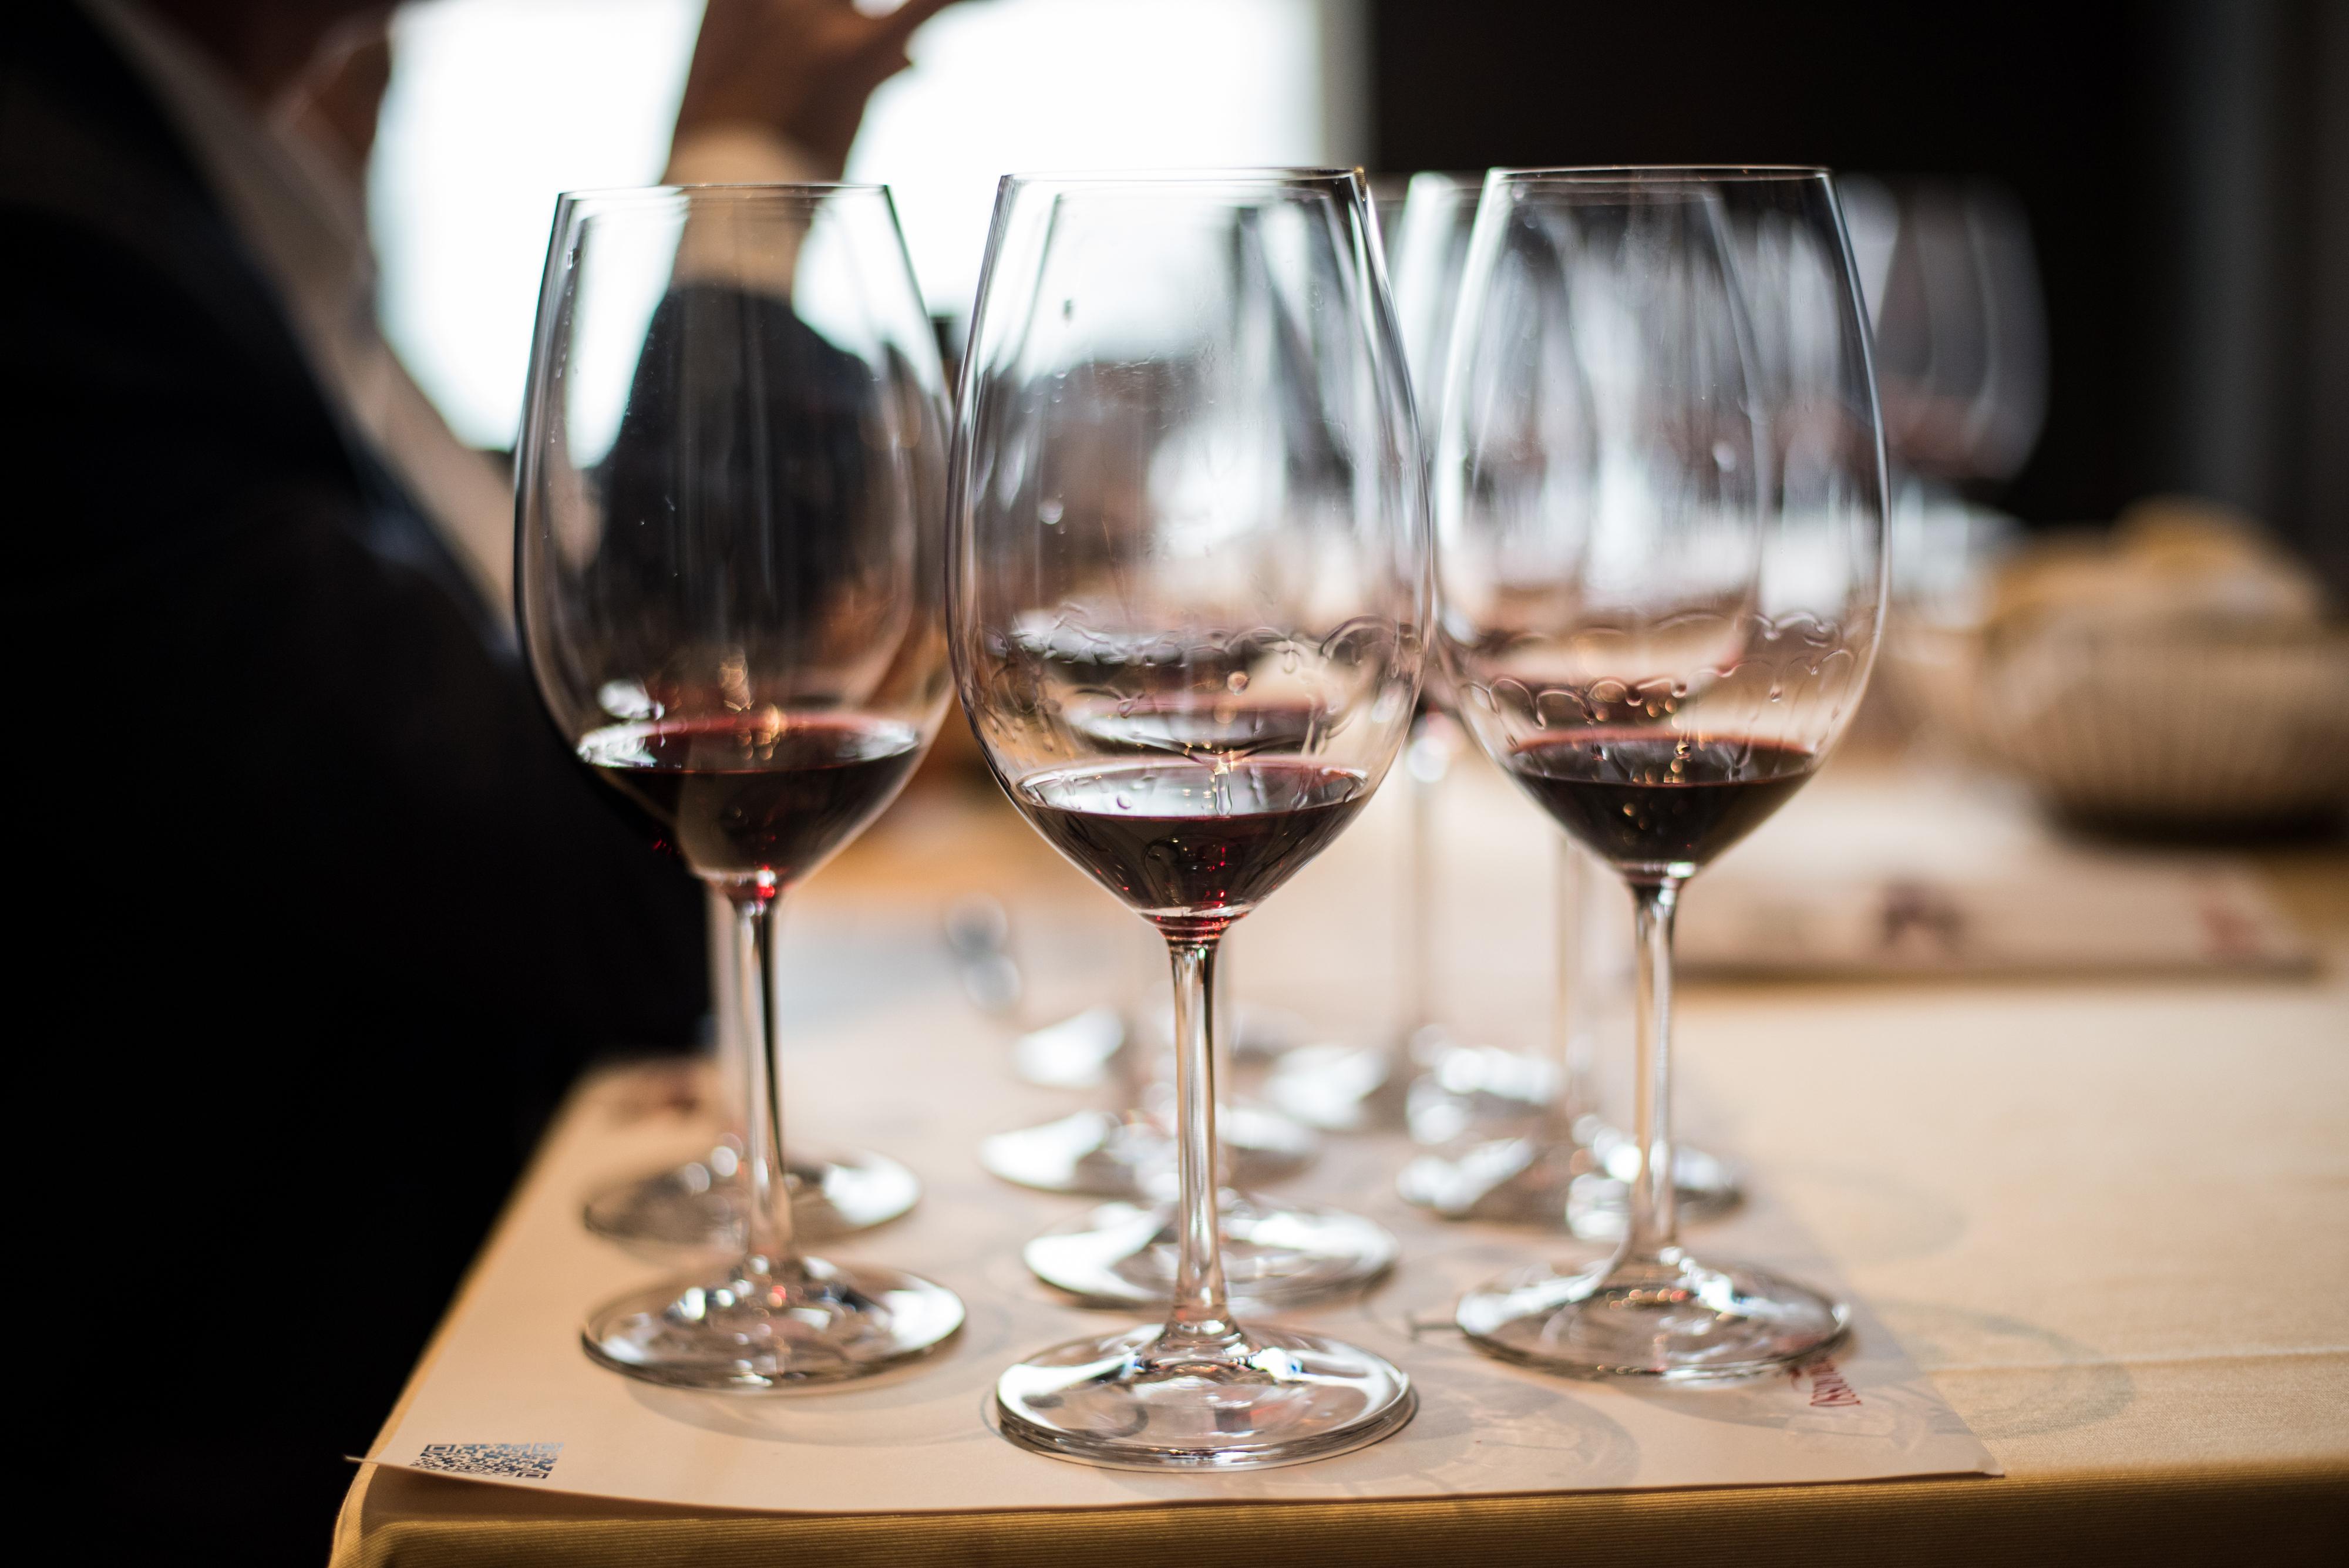 女性のワイン専門家が選ぶ「サクラアワード」の魅力